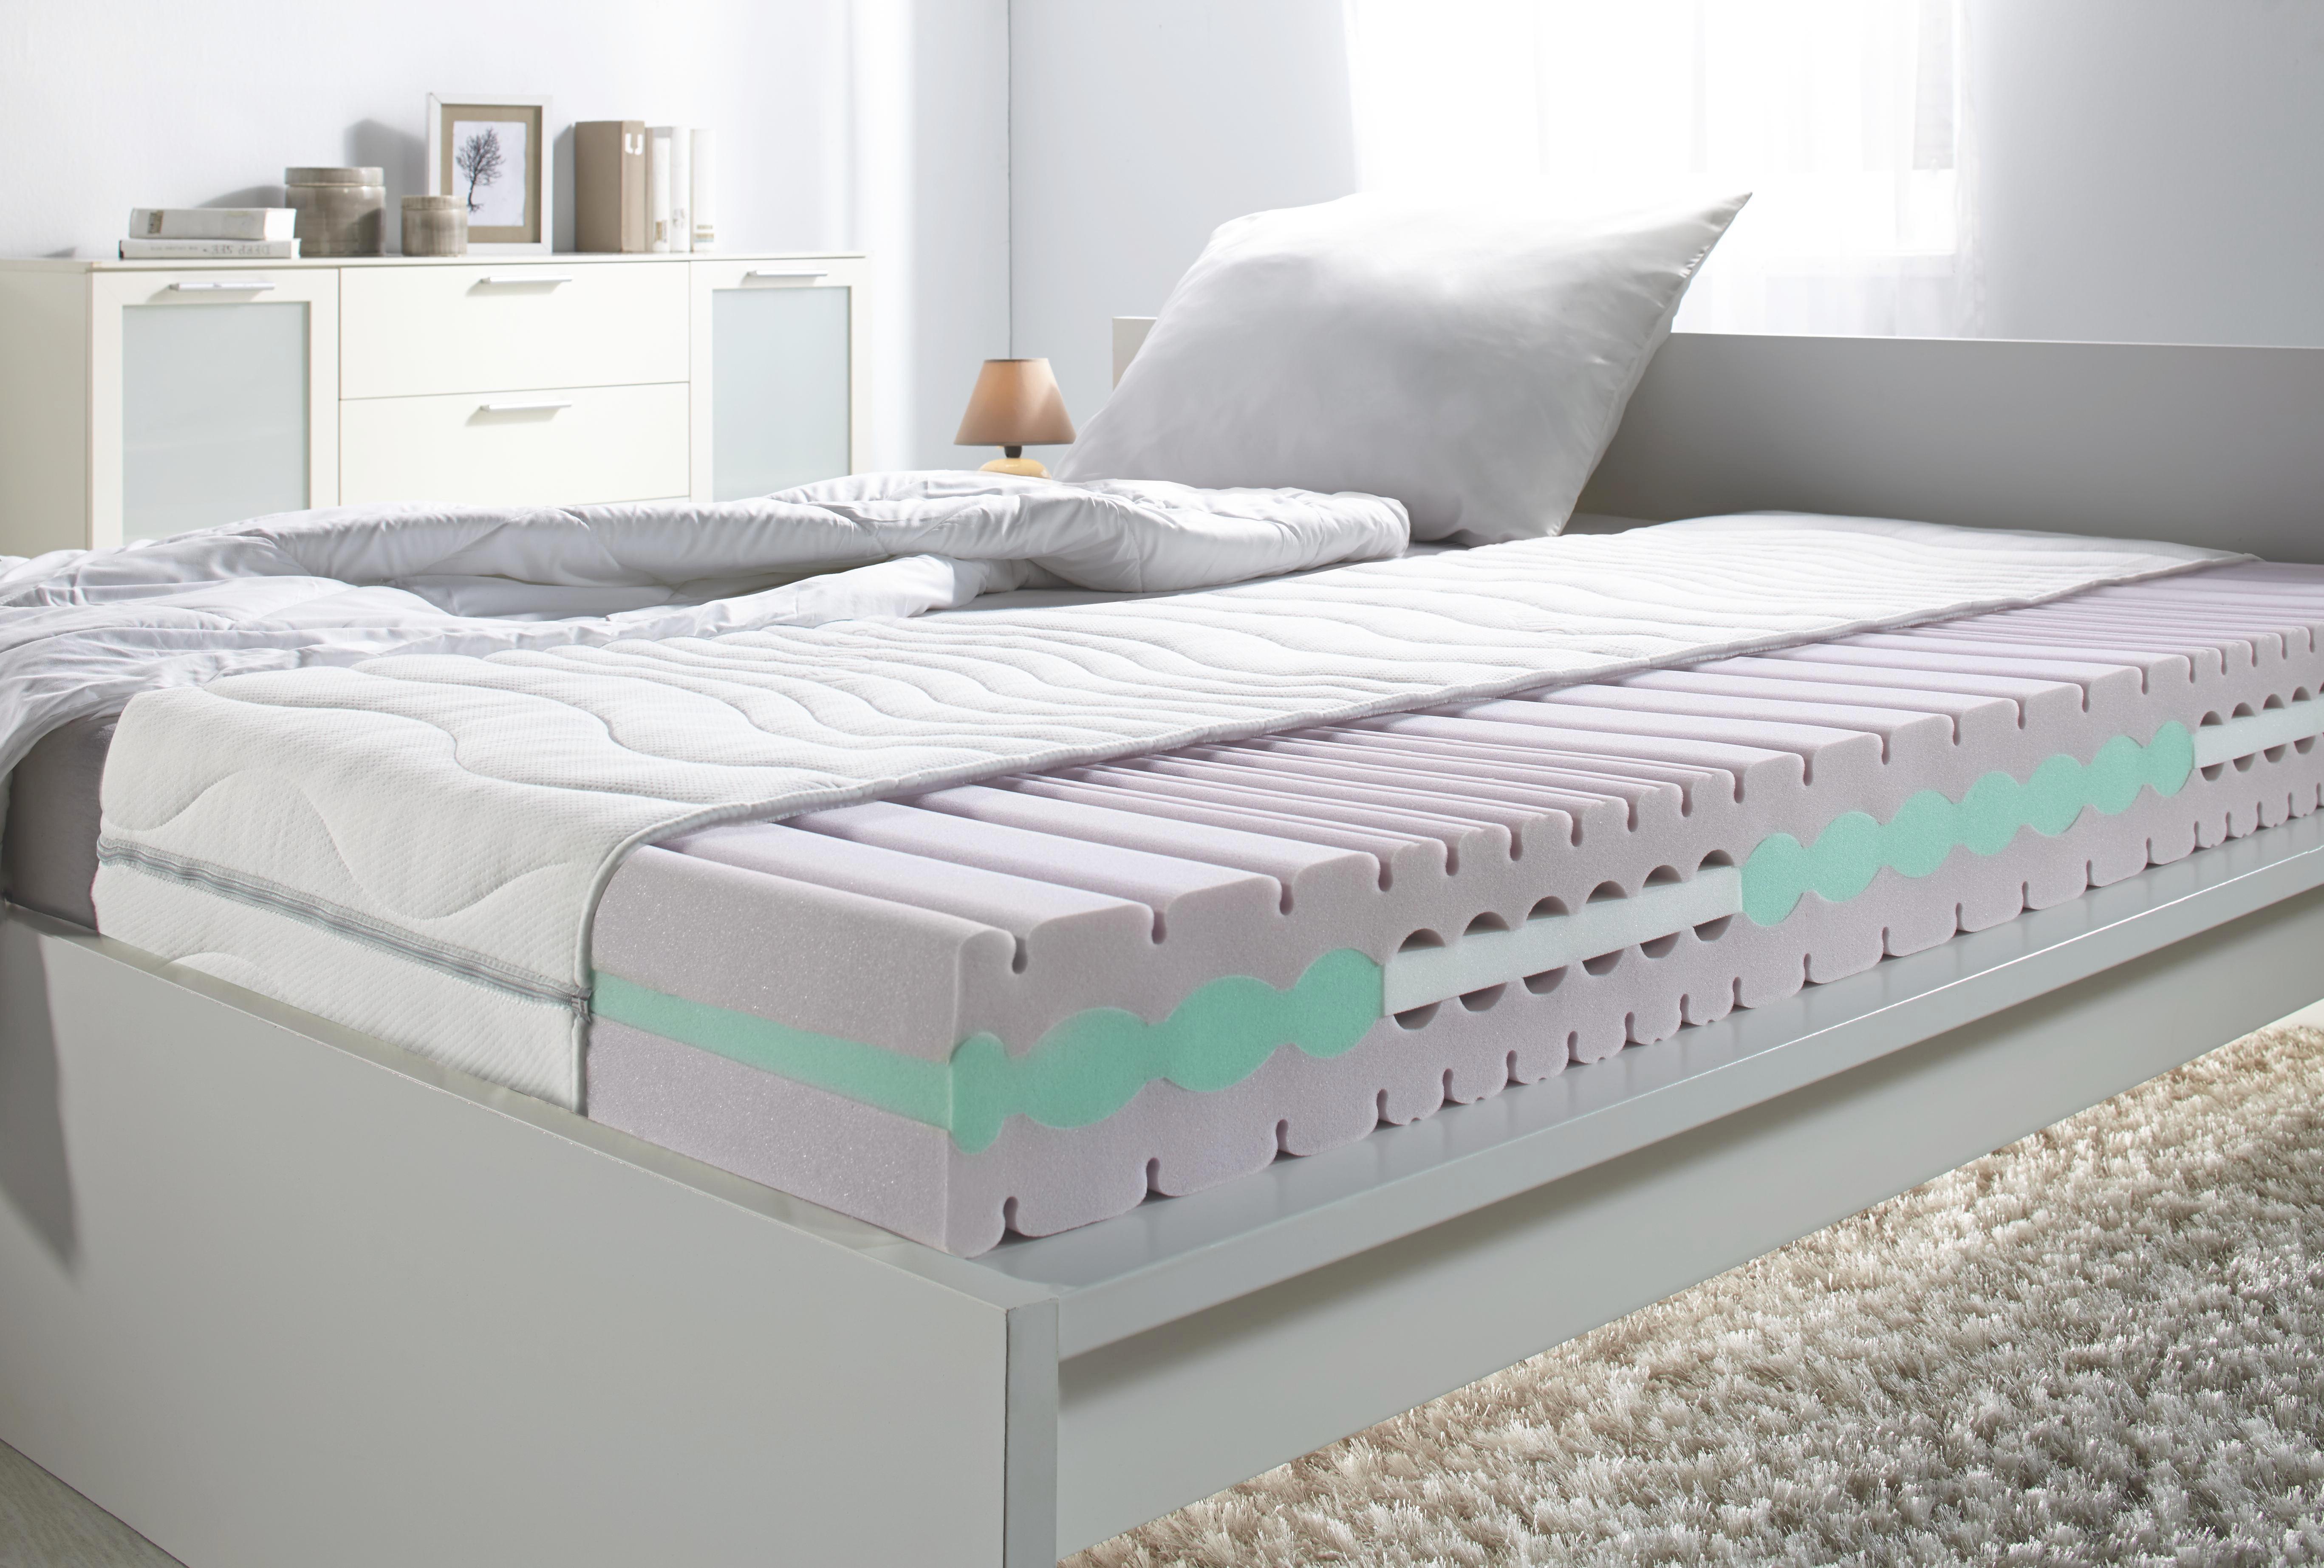 Komfortschaummatratze ca. 160x200cm - Weiß, Textil (160/200cm) - BASED